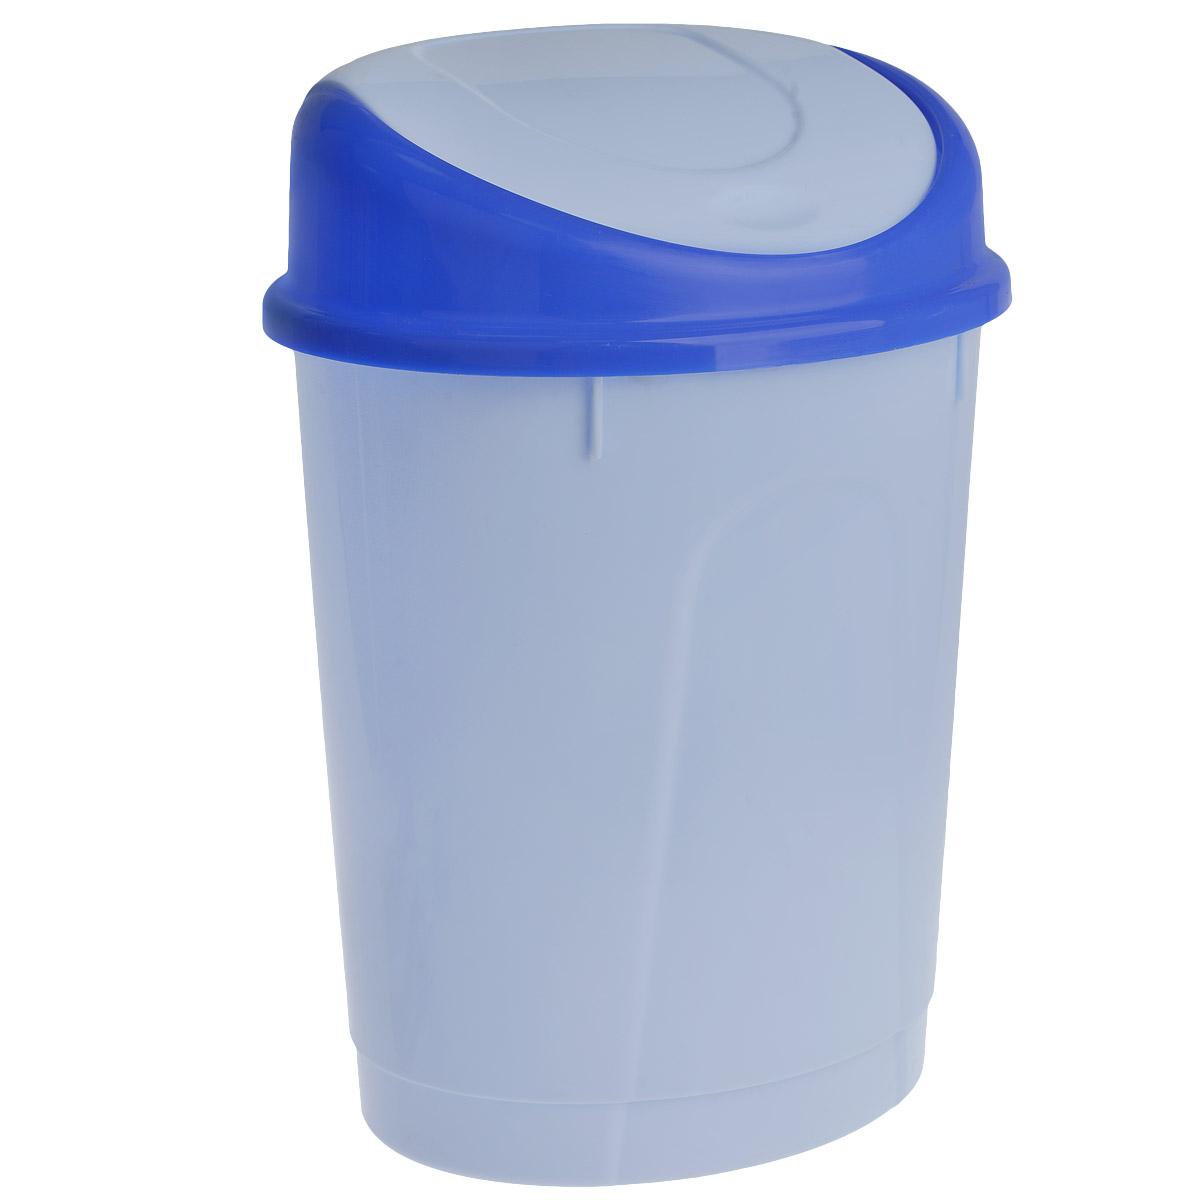 Контейнер для мусора Альтернатива, цвет: голубой, 8 л, 25 см х 20 см х 35 смМ1377/М1005Контейнер для мусора овальной формы Альтернатива выполнен из пластика. Такой аксессуар очень удобен в использовании, как дома, так и в офисе. Оснащен крышкой.